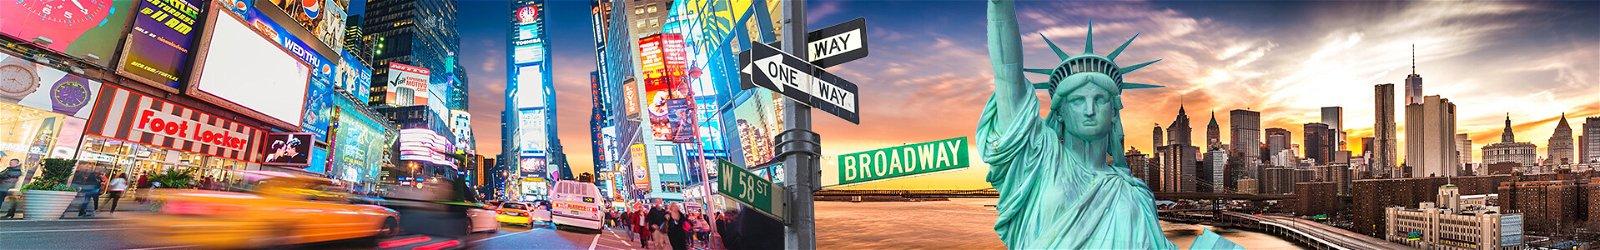 Viajes y paquetes a Nueva York con salidas en Agosto desde México 2020